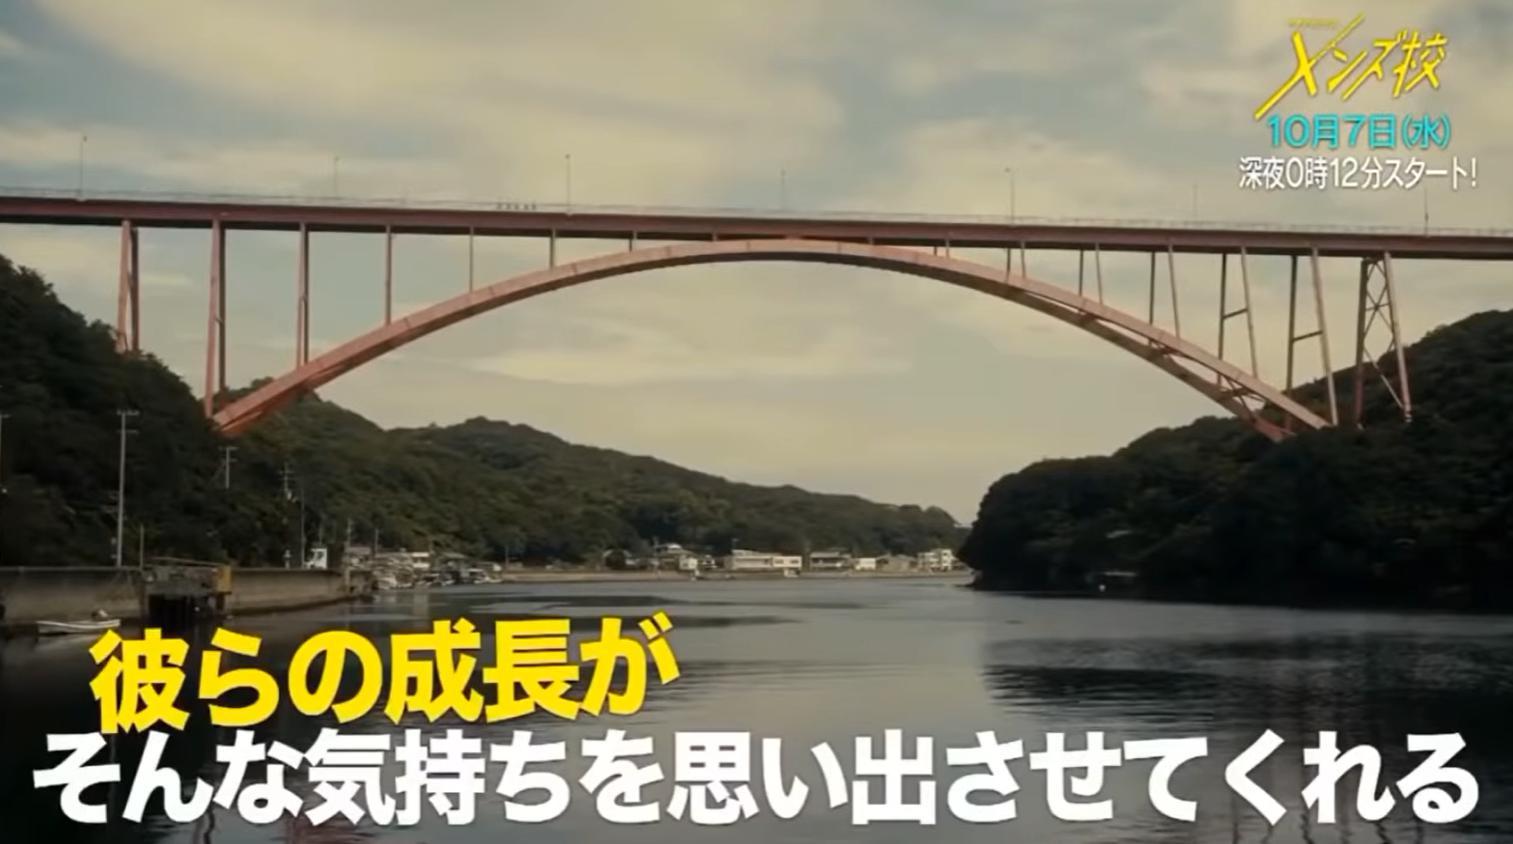 ドラマ『メンズ校』ロケ地撮影場所の学校や寮は淡路島!橋や空港も特定!